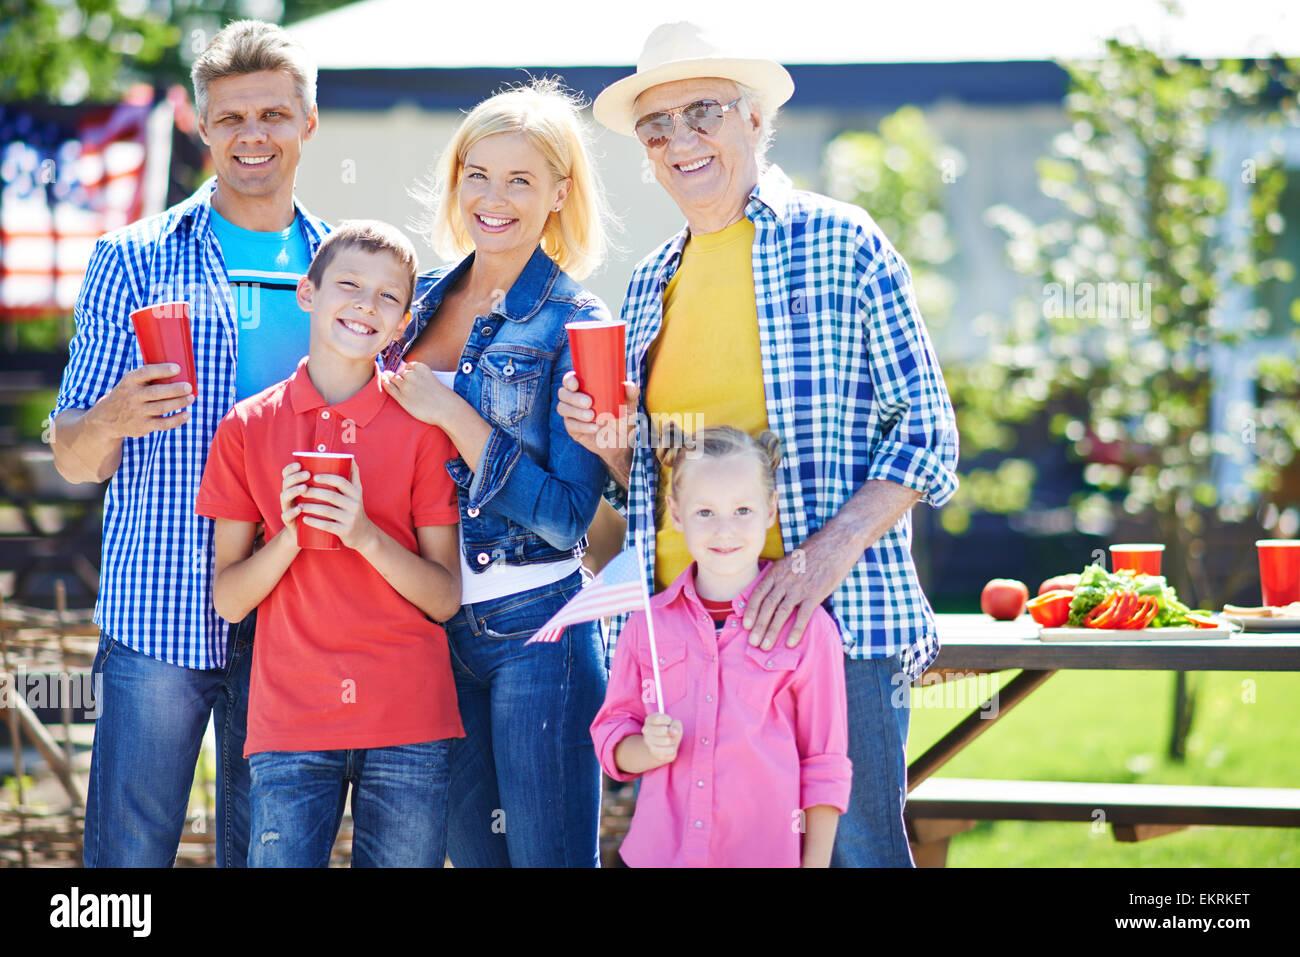 Feliz senior hombre y joven pareja con dos hijos de pasar el fin de semana al aire libre Imagen De Stock